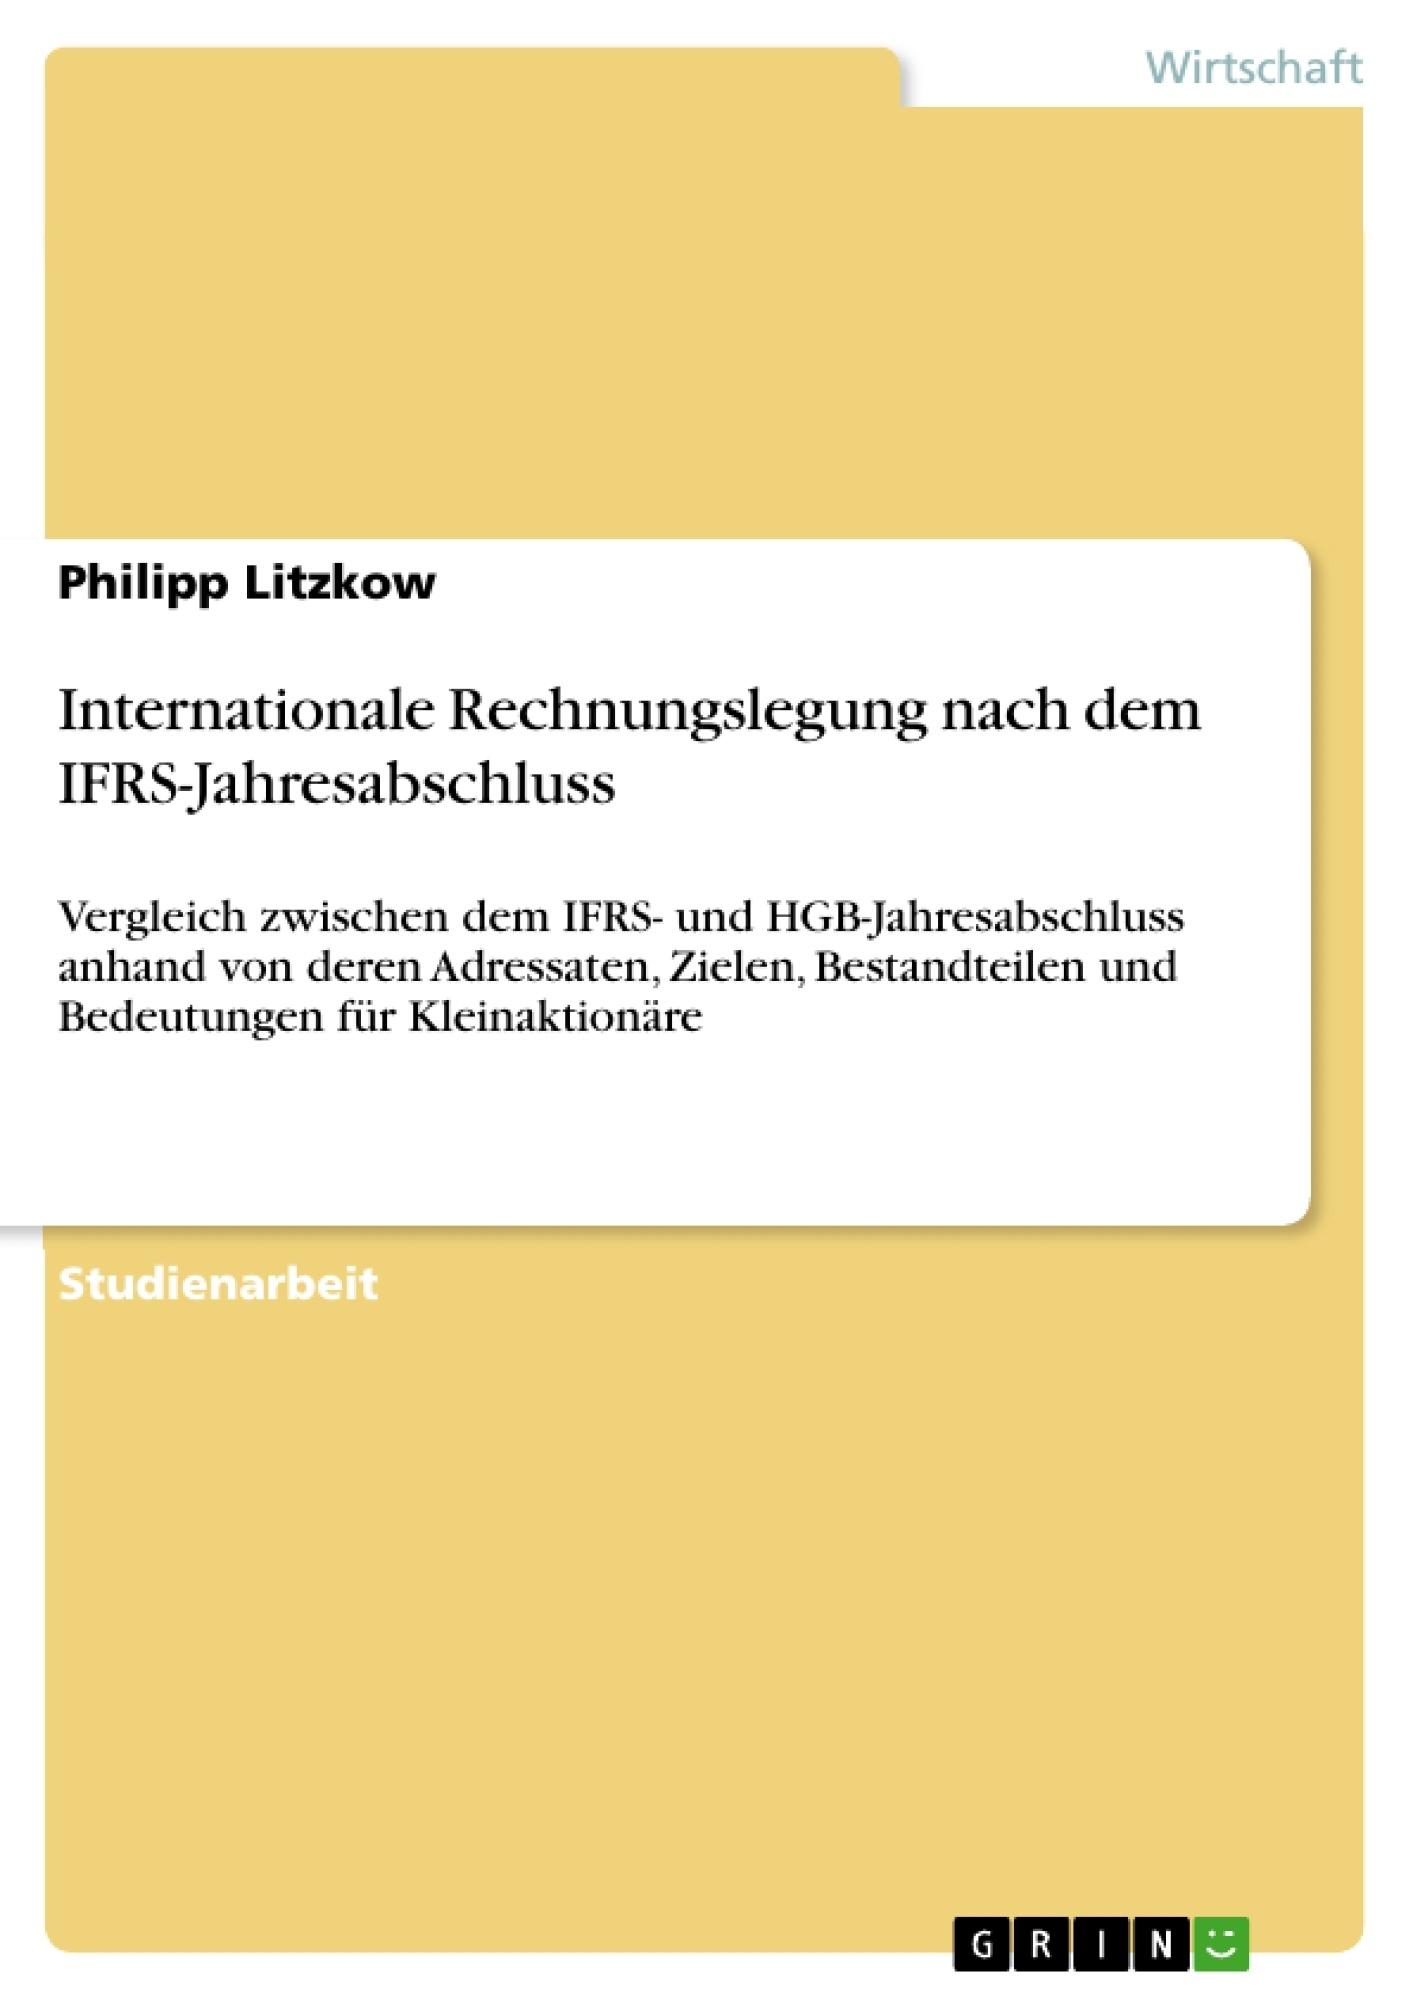 Titel: Internationale Rechnungslegung nach dem IFRS-Jahresabschluss